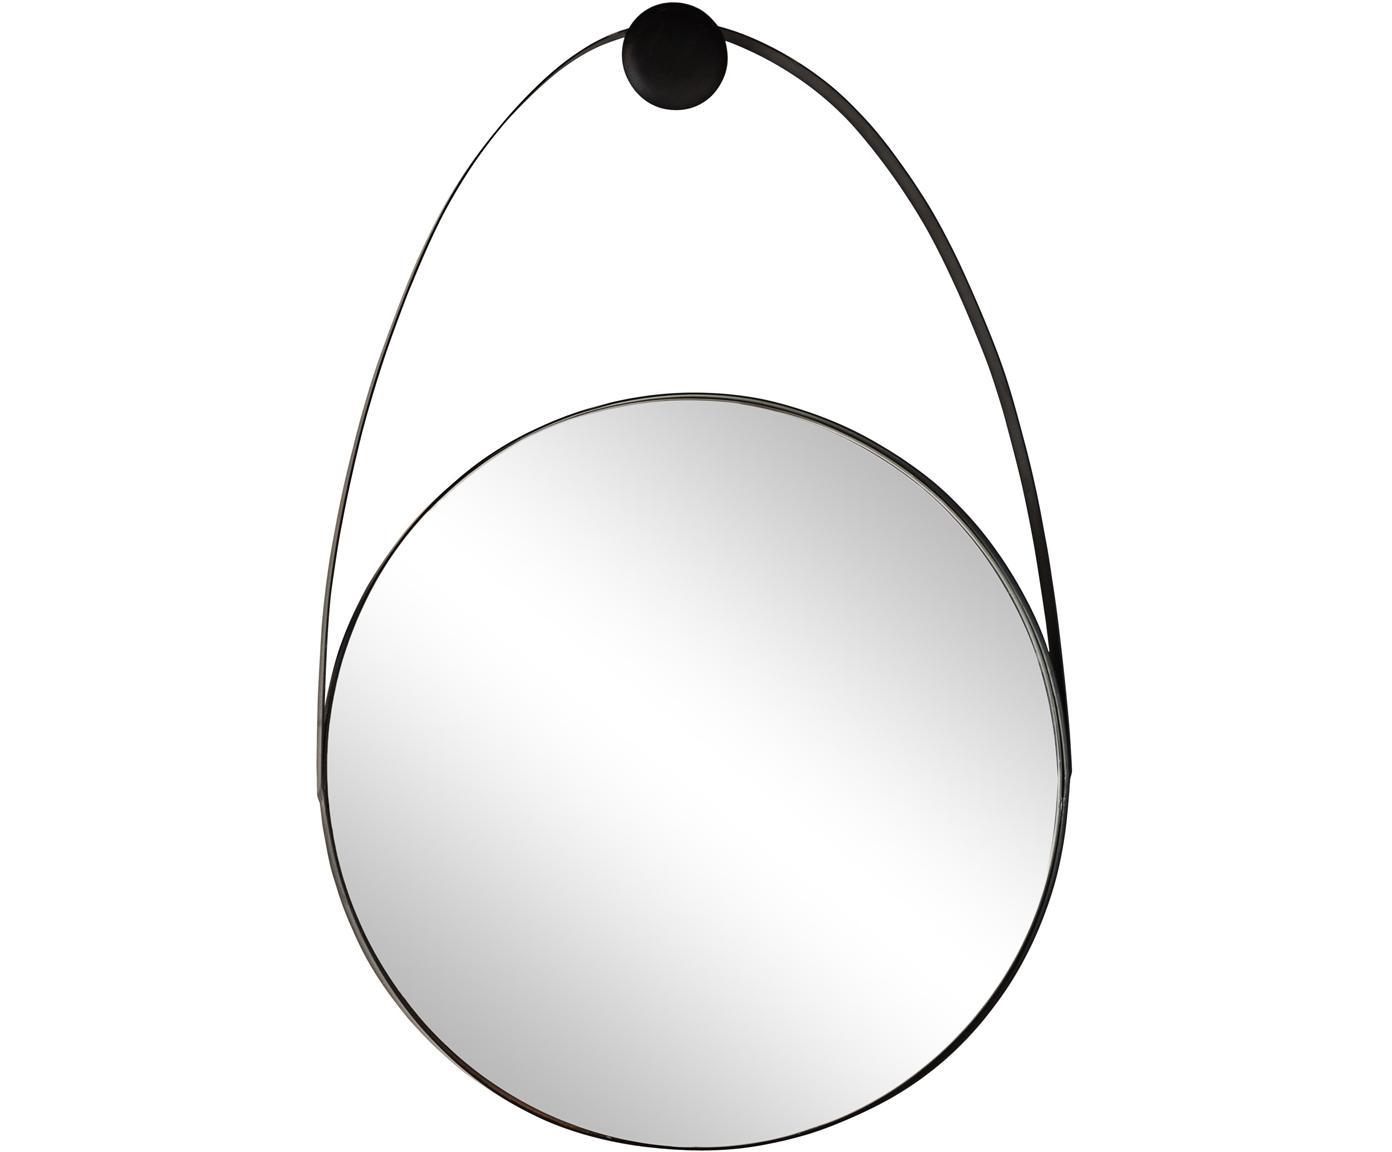 Wandspiegel Kieran mit schwarzem Metallrahmen, Rahmen: Metall, beschichtet, Spiegelfläche: Spiegelglas, Schwarz, 46 x 68 cm